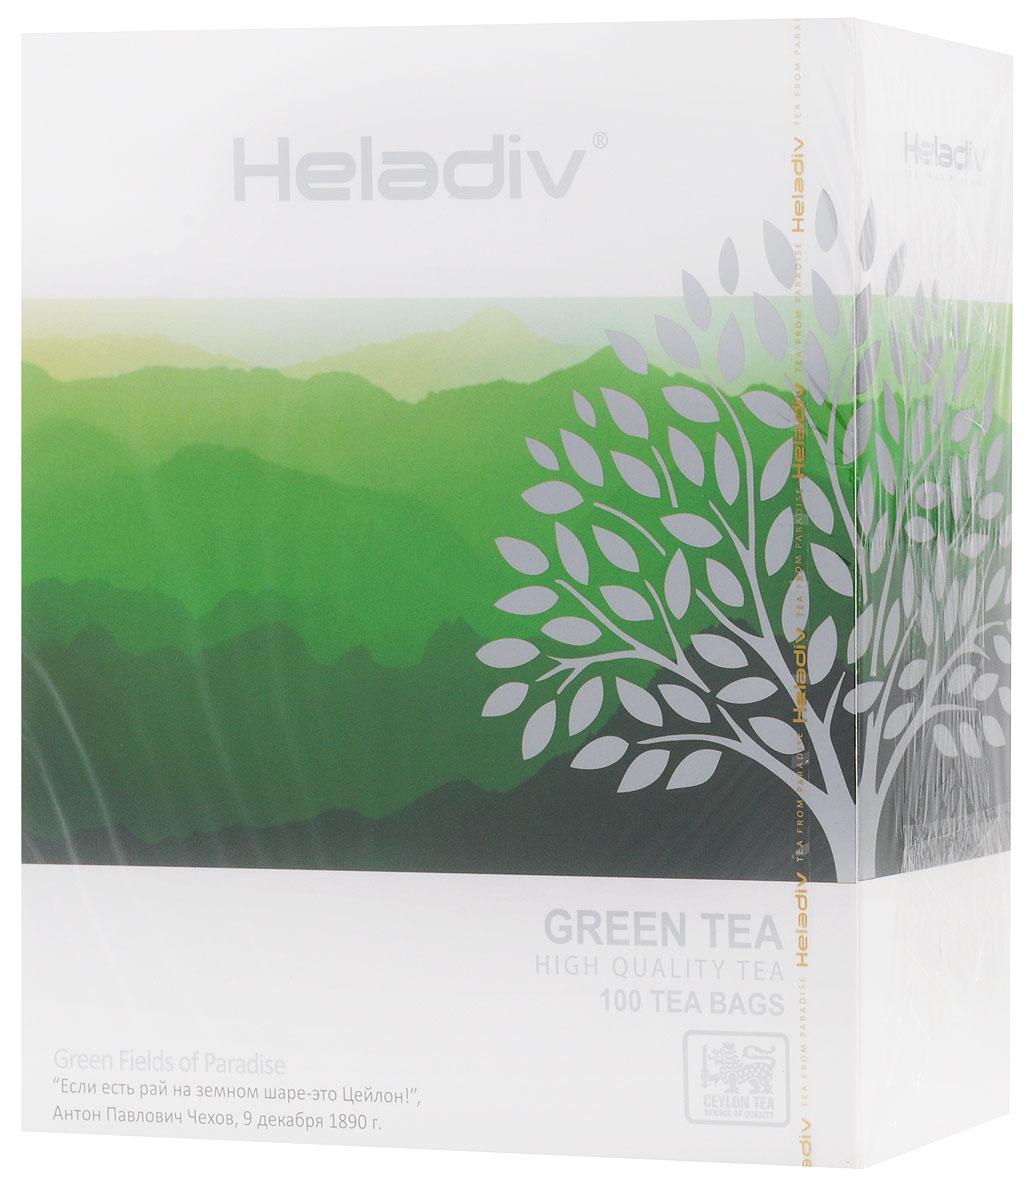 Heladiv Green Tea чай зеленый в пакетиках, 100 шт4791007010753Превосходный зеленый чай Heladiv обладает приятным насыщенным вкусом, изысканным ароматом и настоем золотистого цвета.